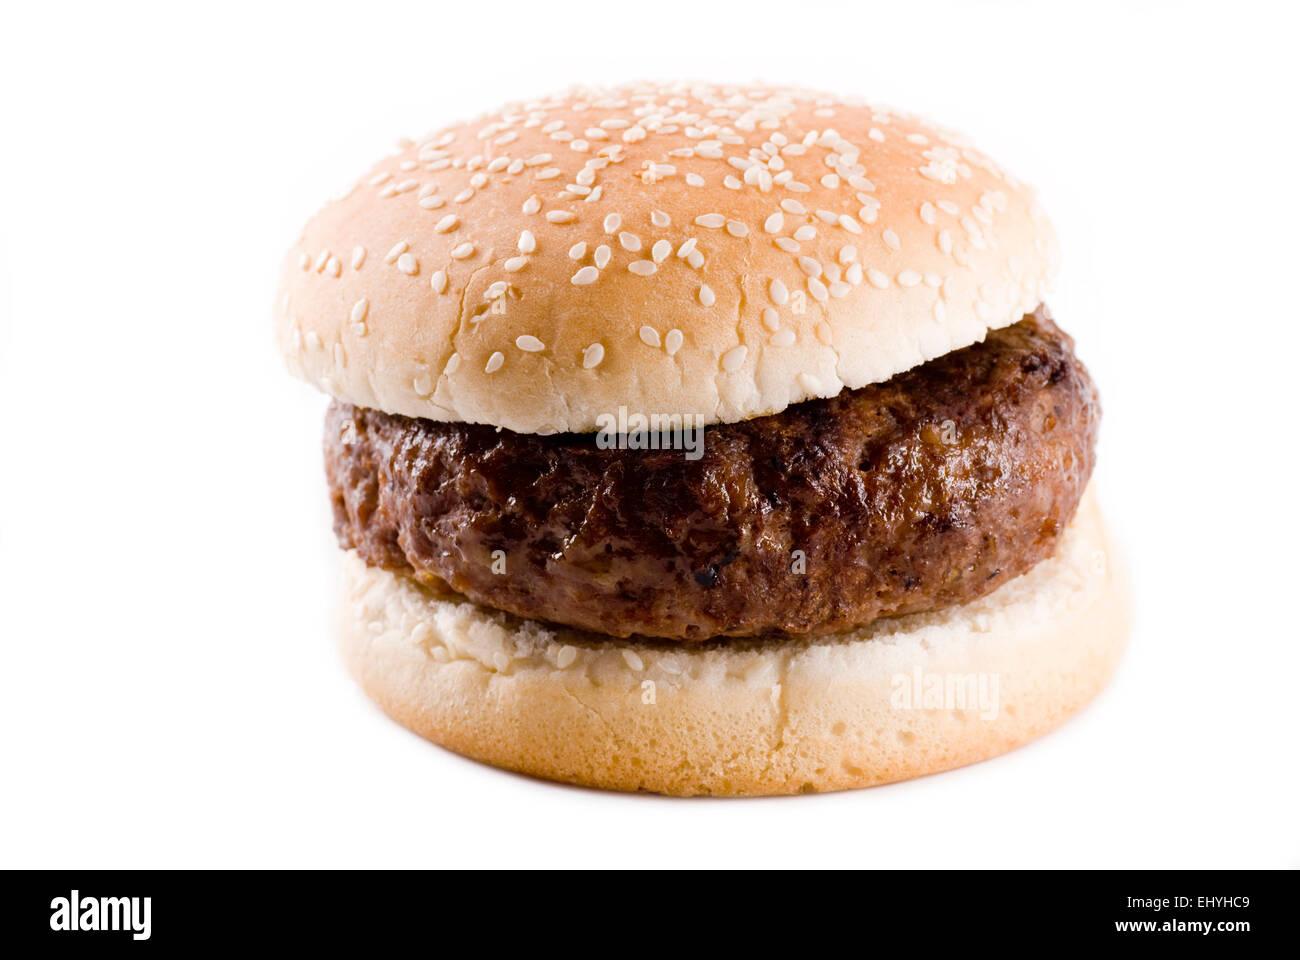 Juicy hamburger close up on white background. - Stock Image